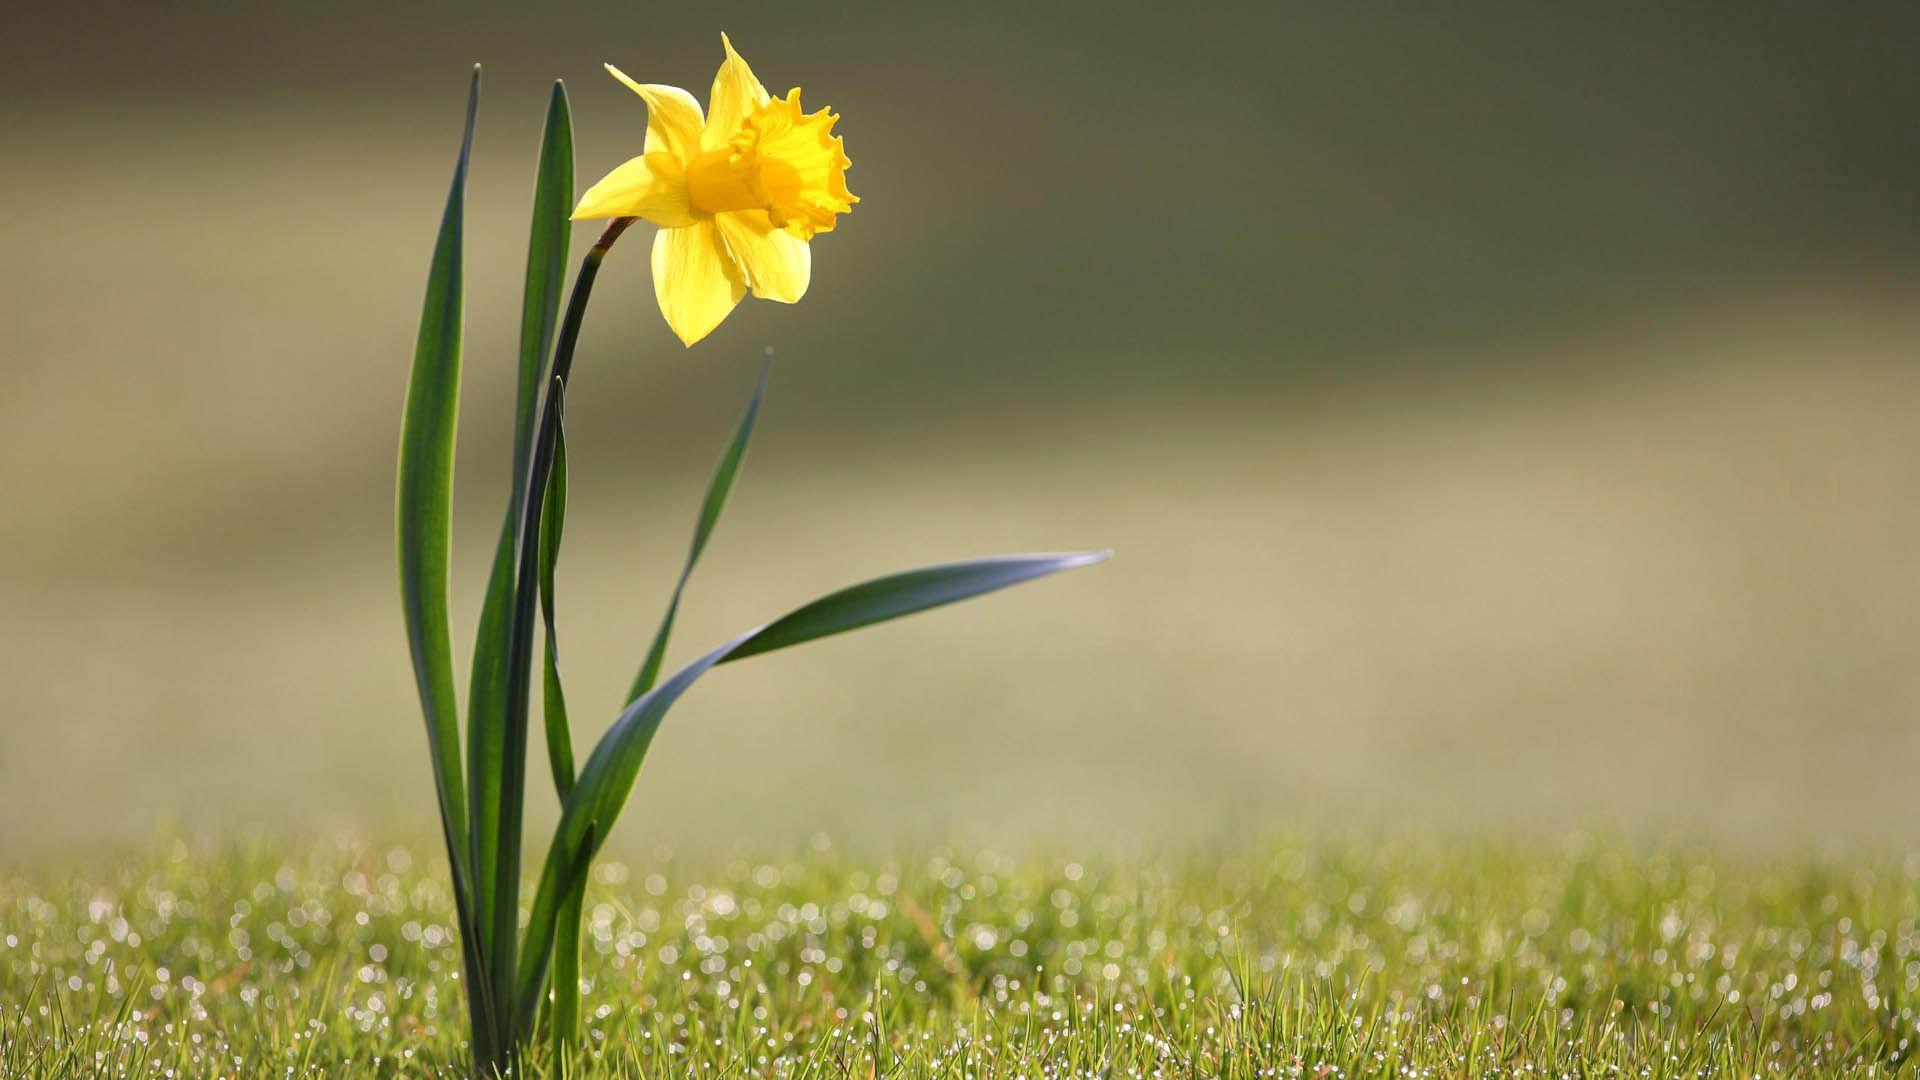 115526 Lade kostenlos Gelb Hintergrundbilder für dein Handy herunter, Blume, Makro, Narzisse, Narcissus, Stengel, Stiel Gelb Bilder und Bildschirmschoner für dein Handy